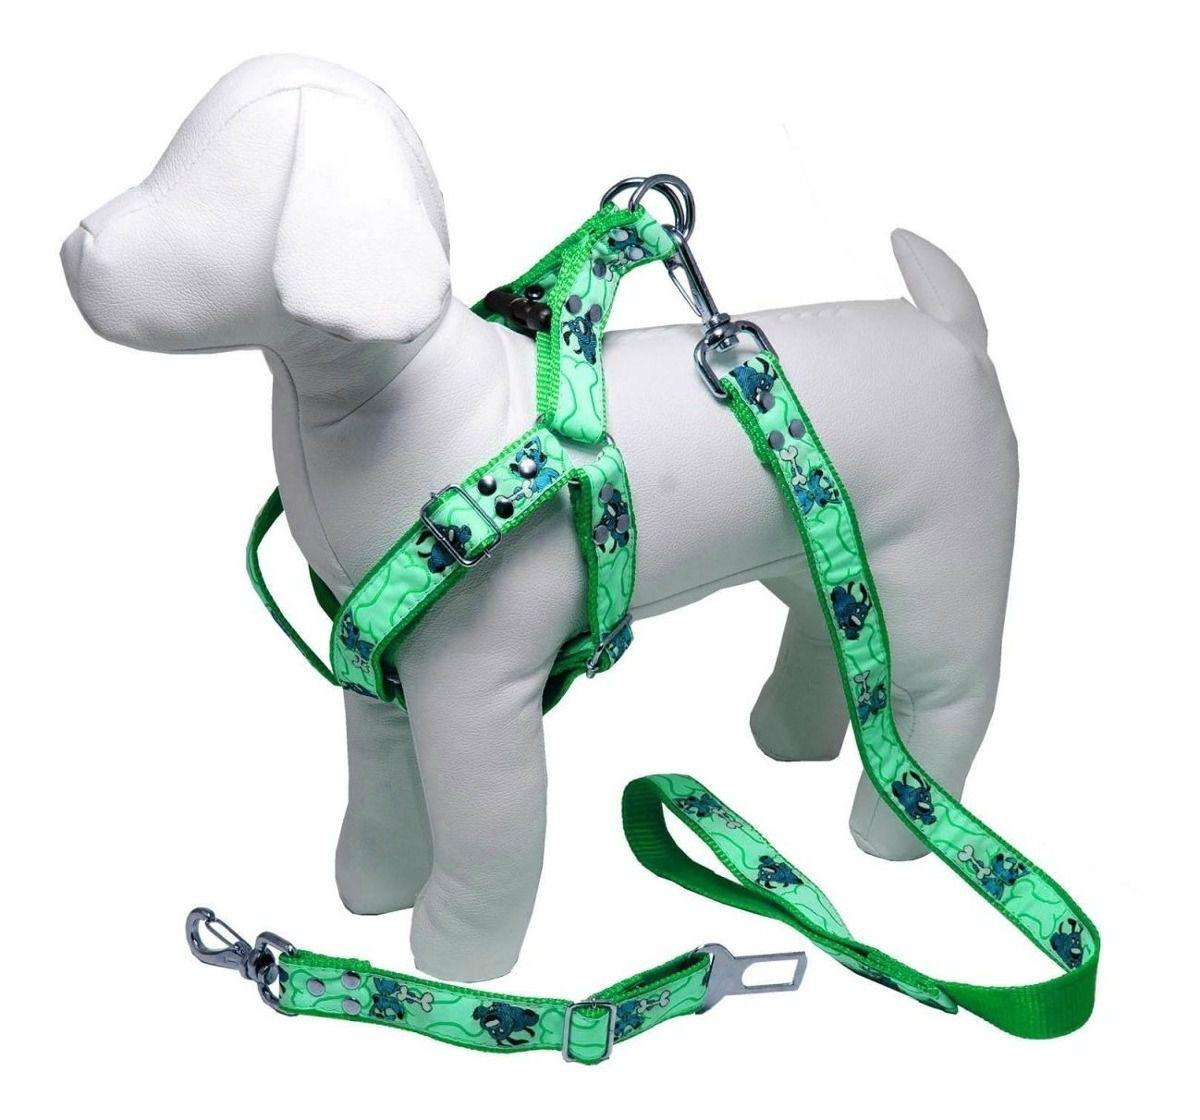 Coleira Peitoral Cachorro Porte Menor Guia Adaptador Cinto Segurança Tamanho M - Cor Verde